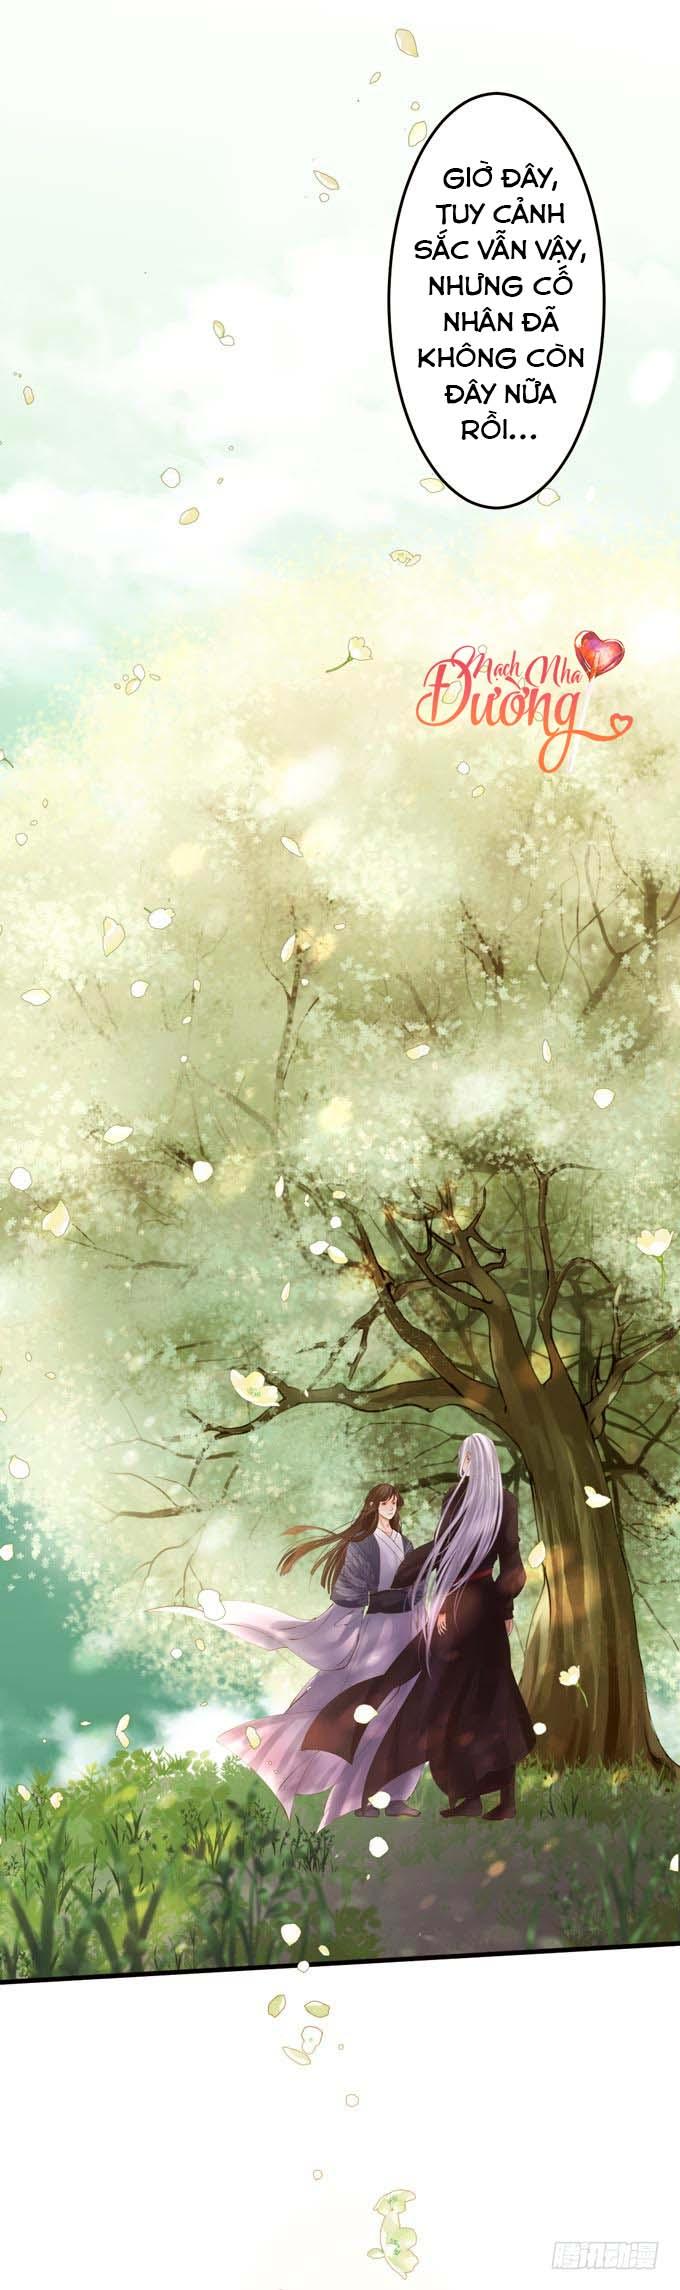 Đêm Tuyết Nghe Thấy Anh Đào Rơi - Chap 1